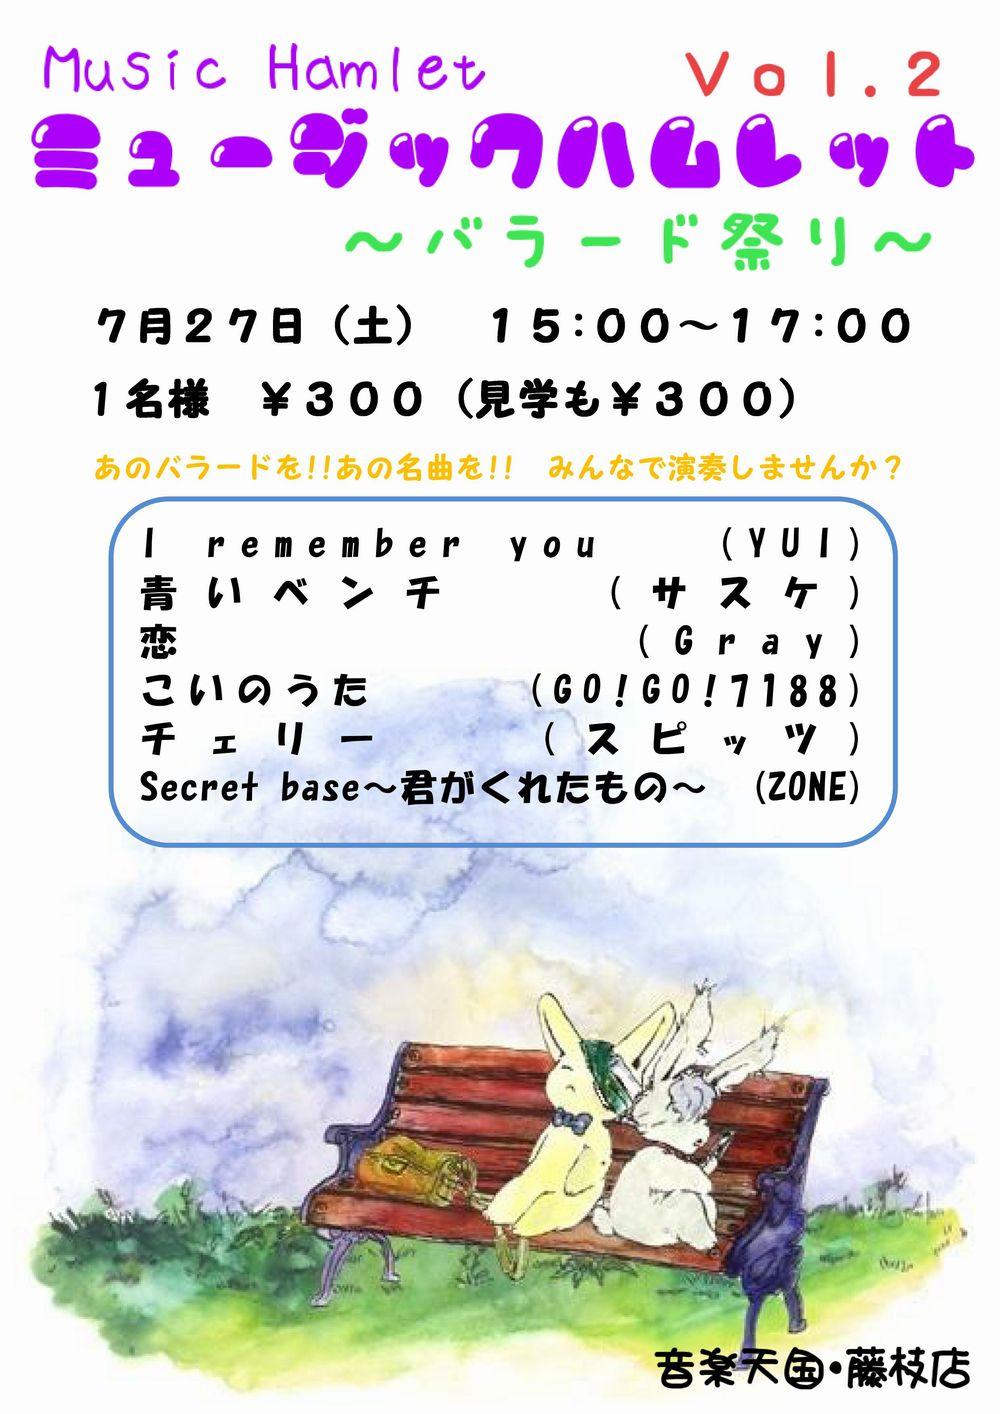 「ミュージックハムレット」バラード祭り@藤枝店7月27日(土)好評第二弾開催!